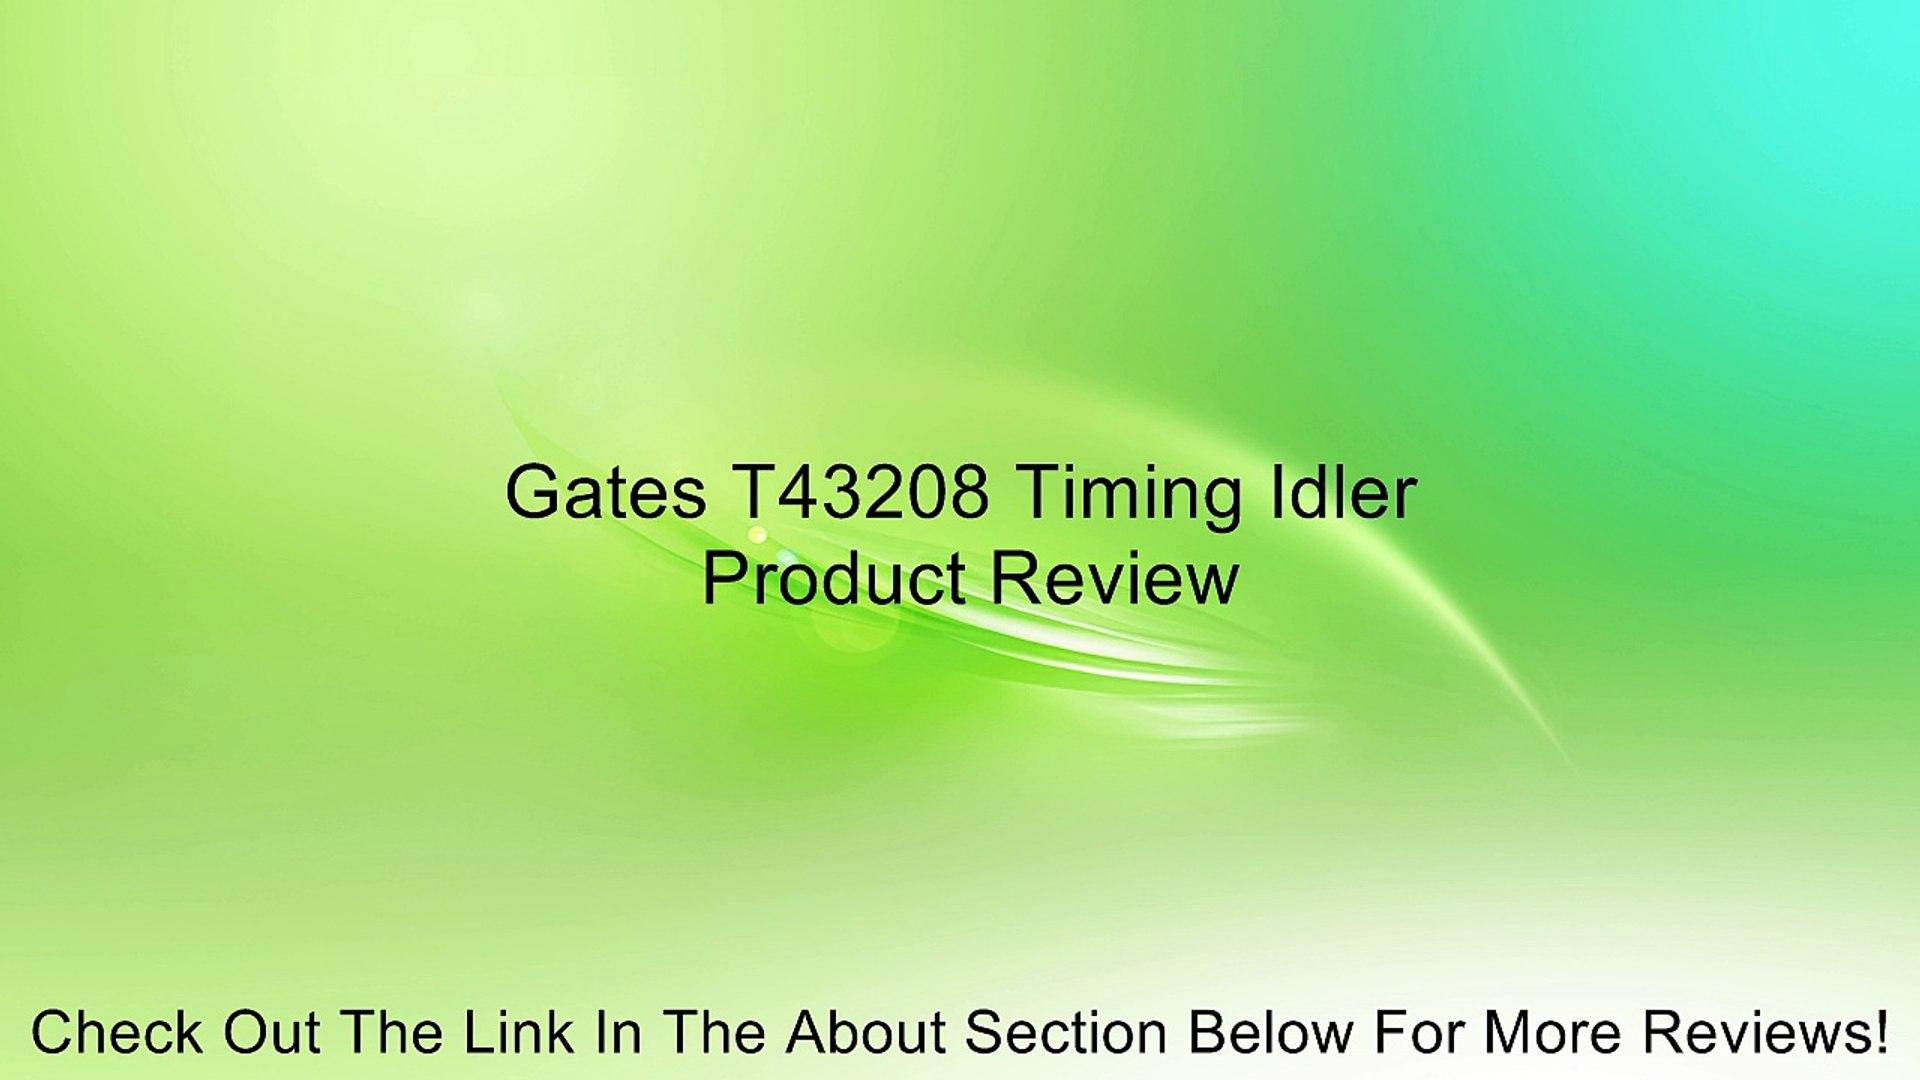 Gates T43208 Timing Idler